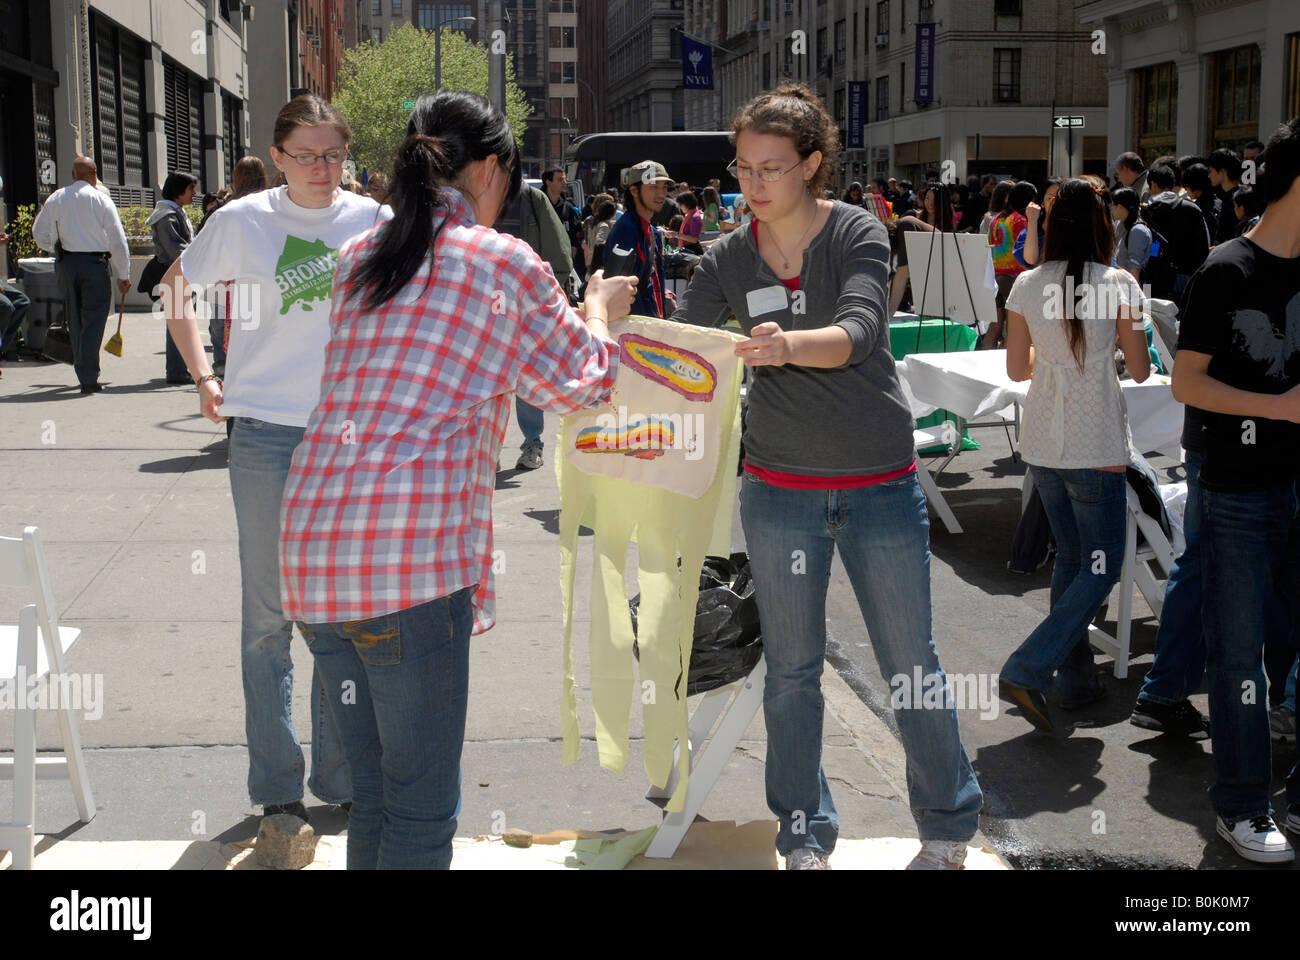 Reduzca su huella de carbono desfile desplazarse en la NYU el día de la tierra feria de la calle Imagen De Stock